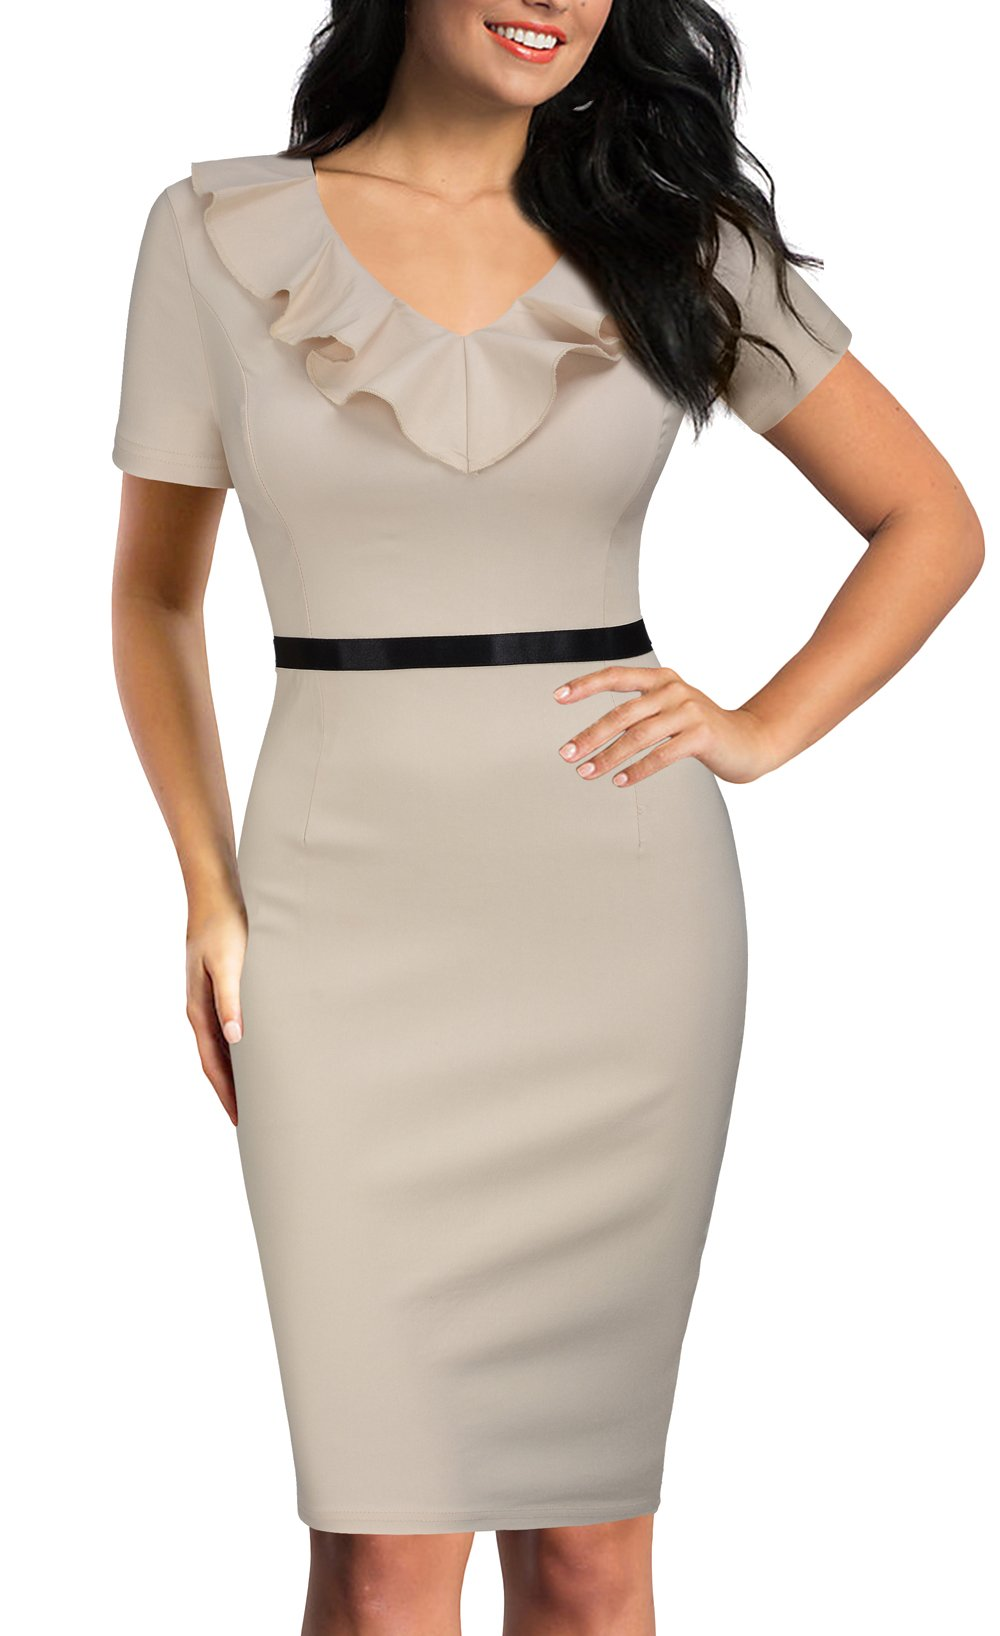 REPHYLLIS Women's Ruffles Short Sleeve Business Cocktail Pencil Dress XXL Beige